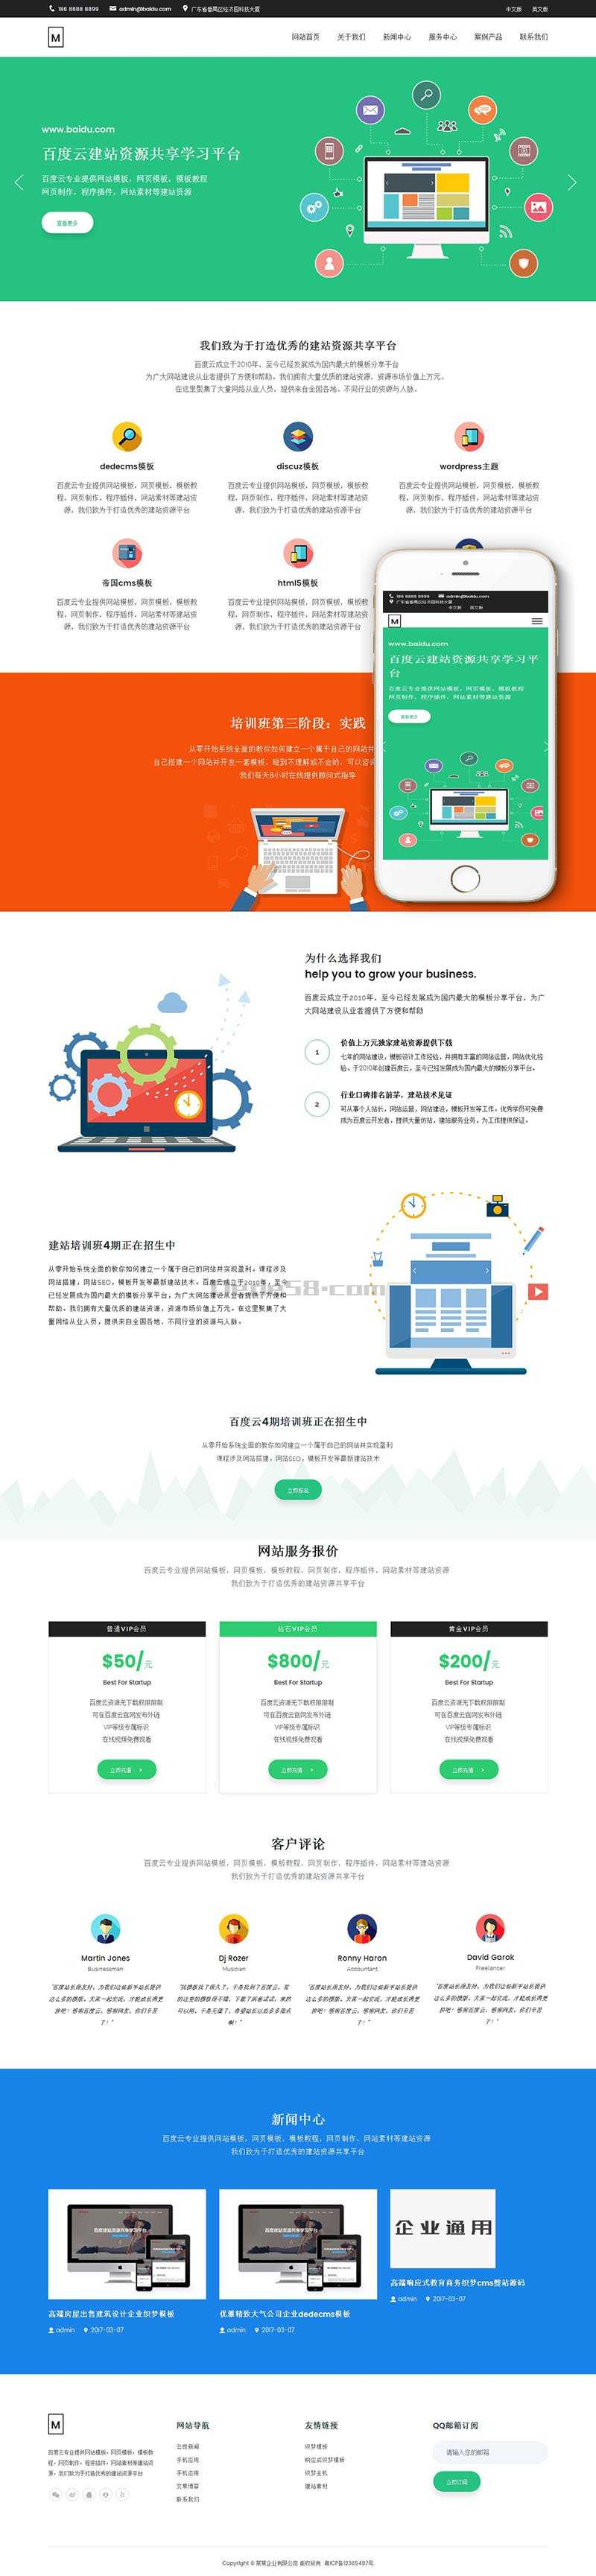 织梦响应式高端绿色网站建设织梦企业模板(自适应手机端)插图